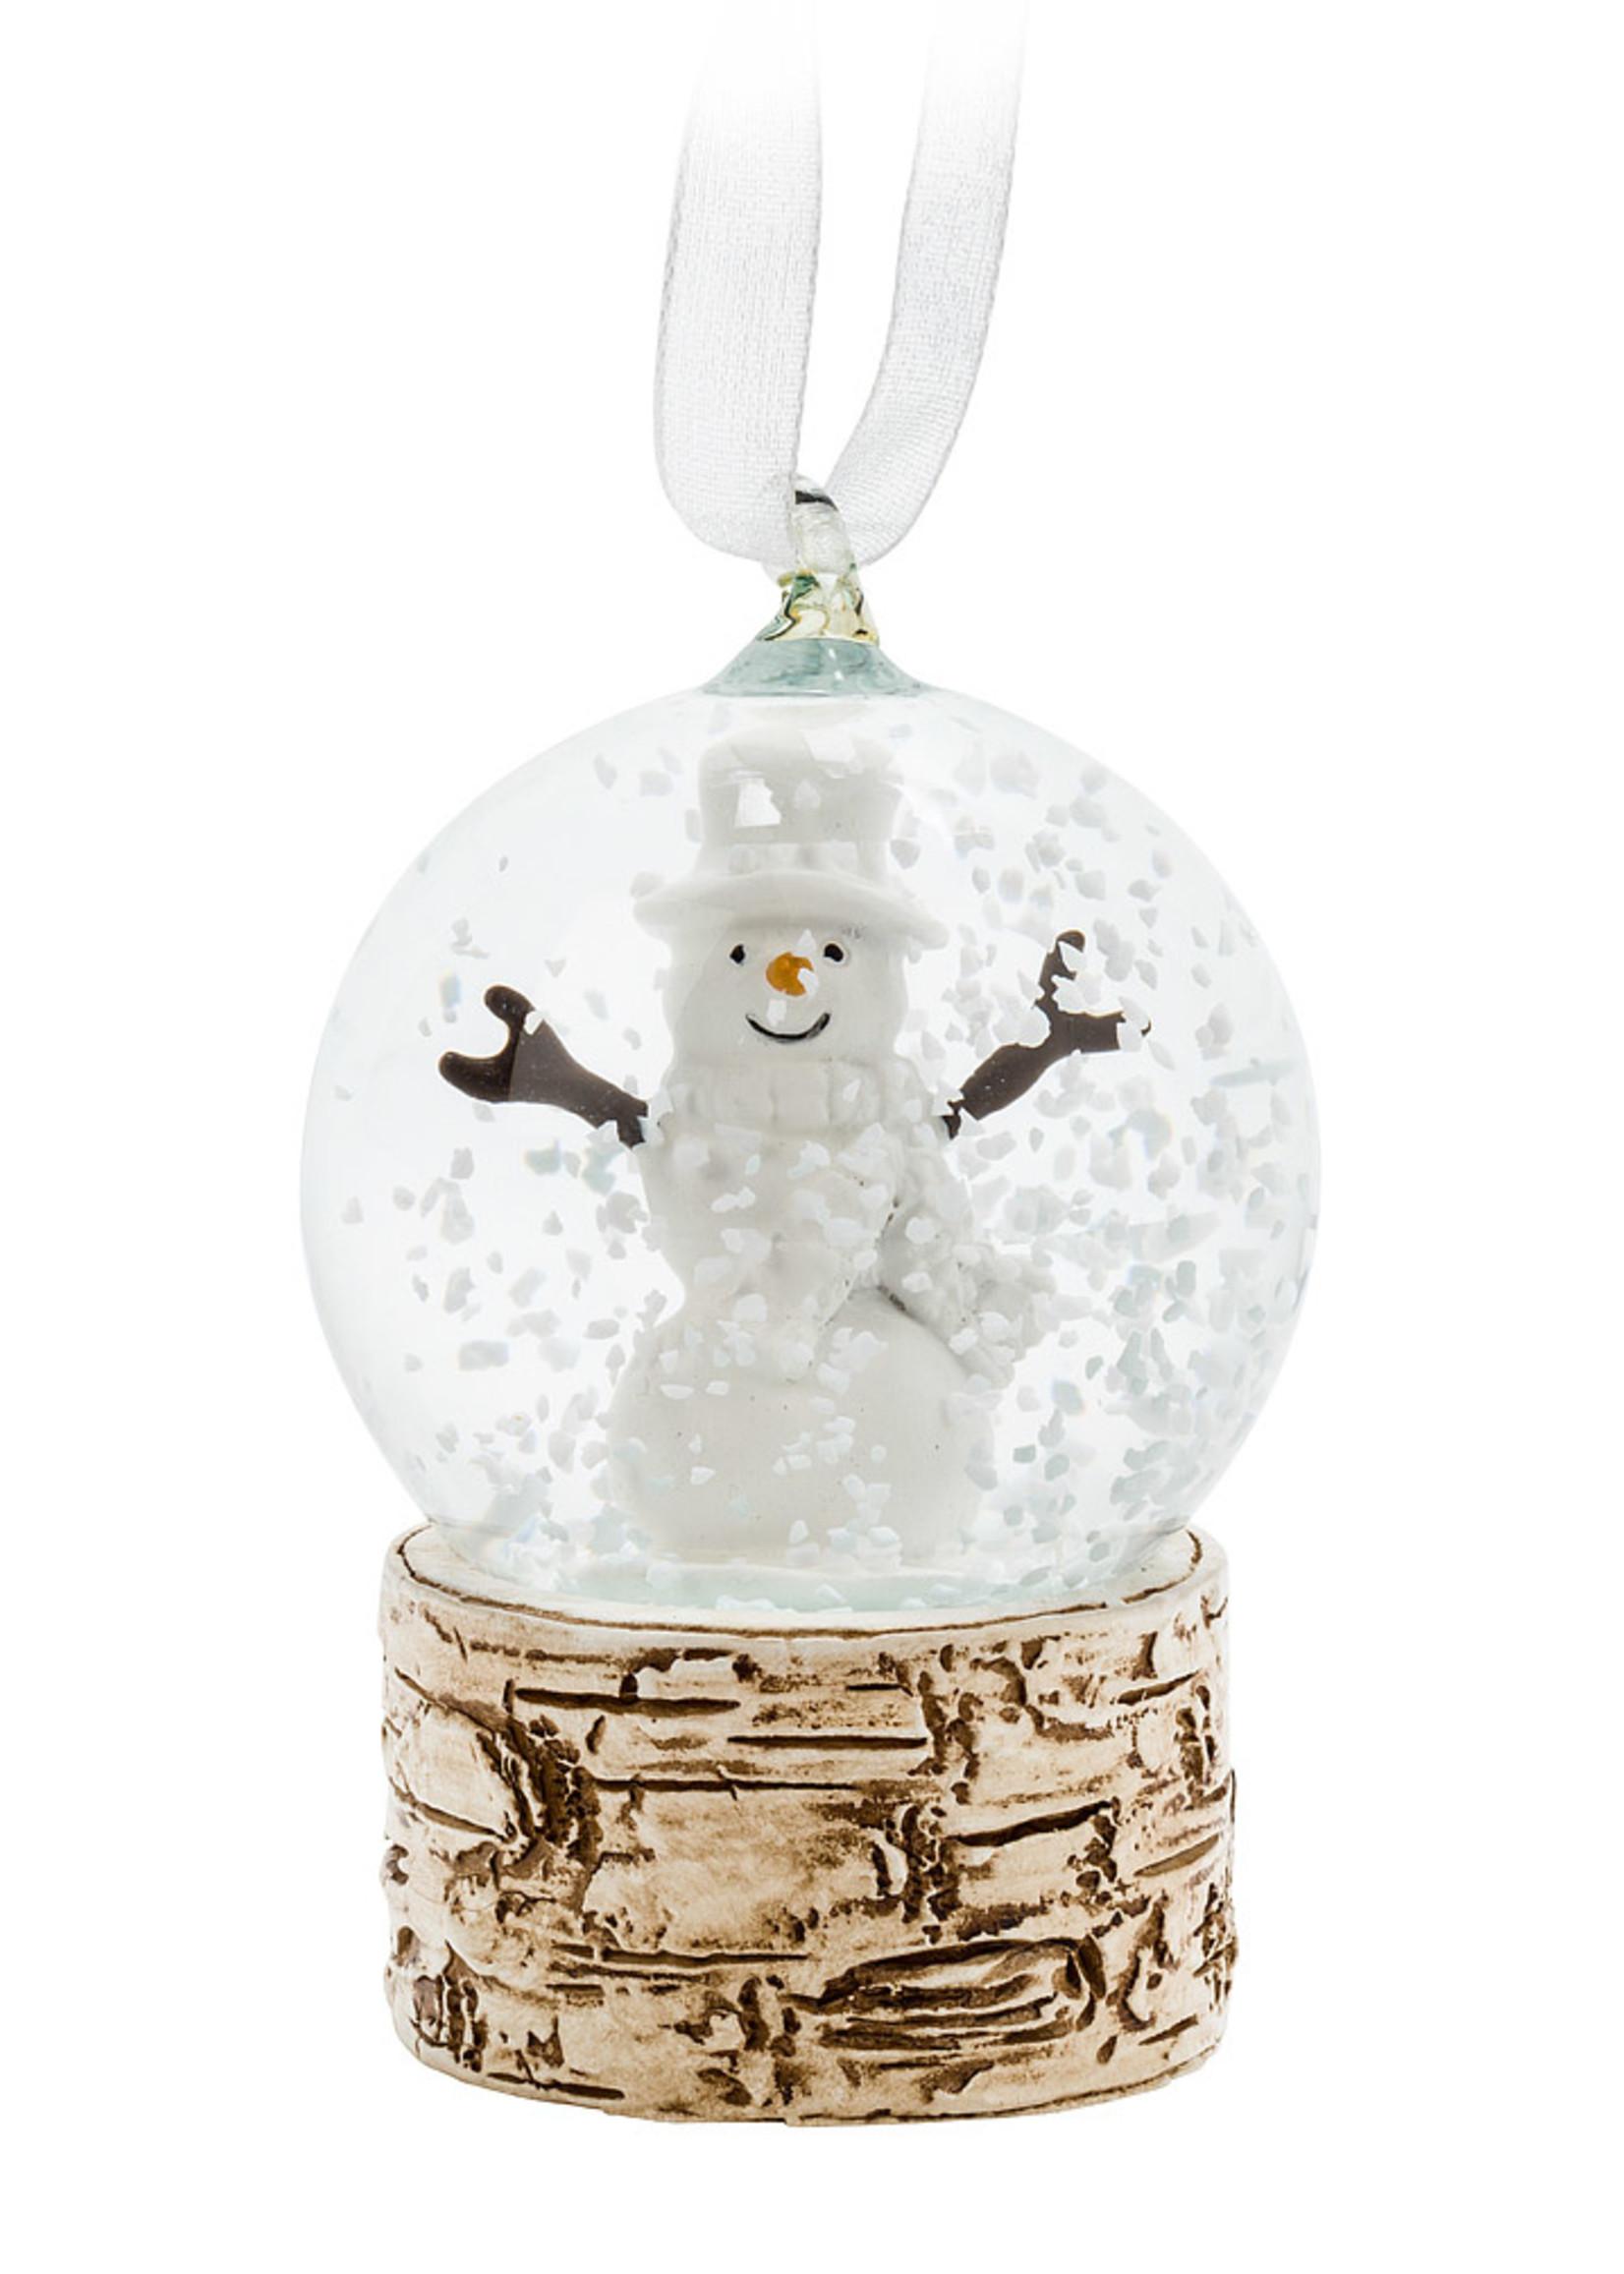 Abbott Small Snowman Snowglobe Ornament